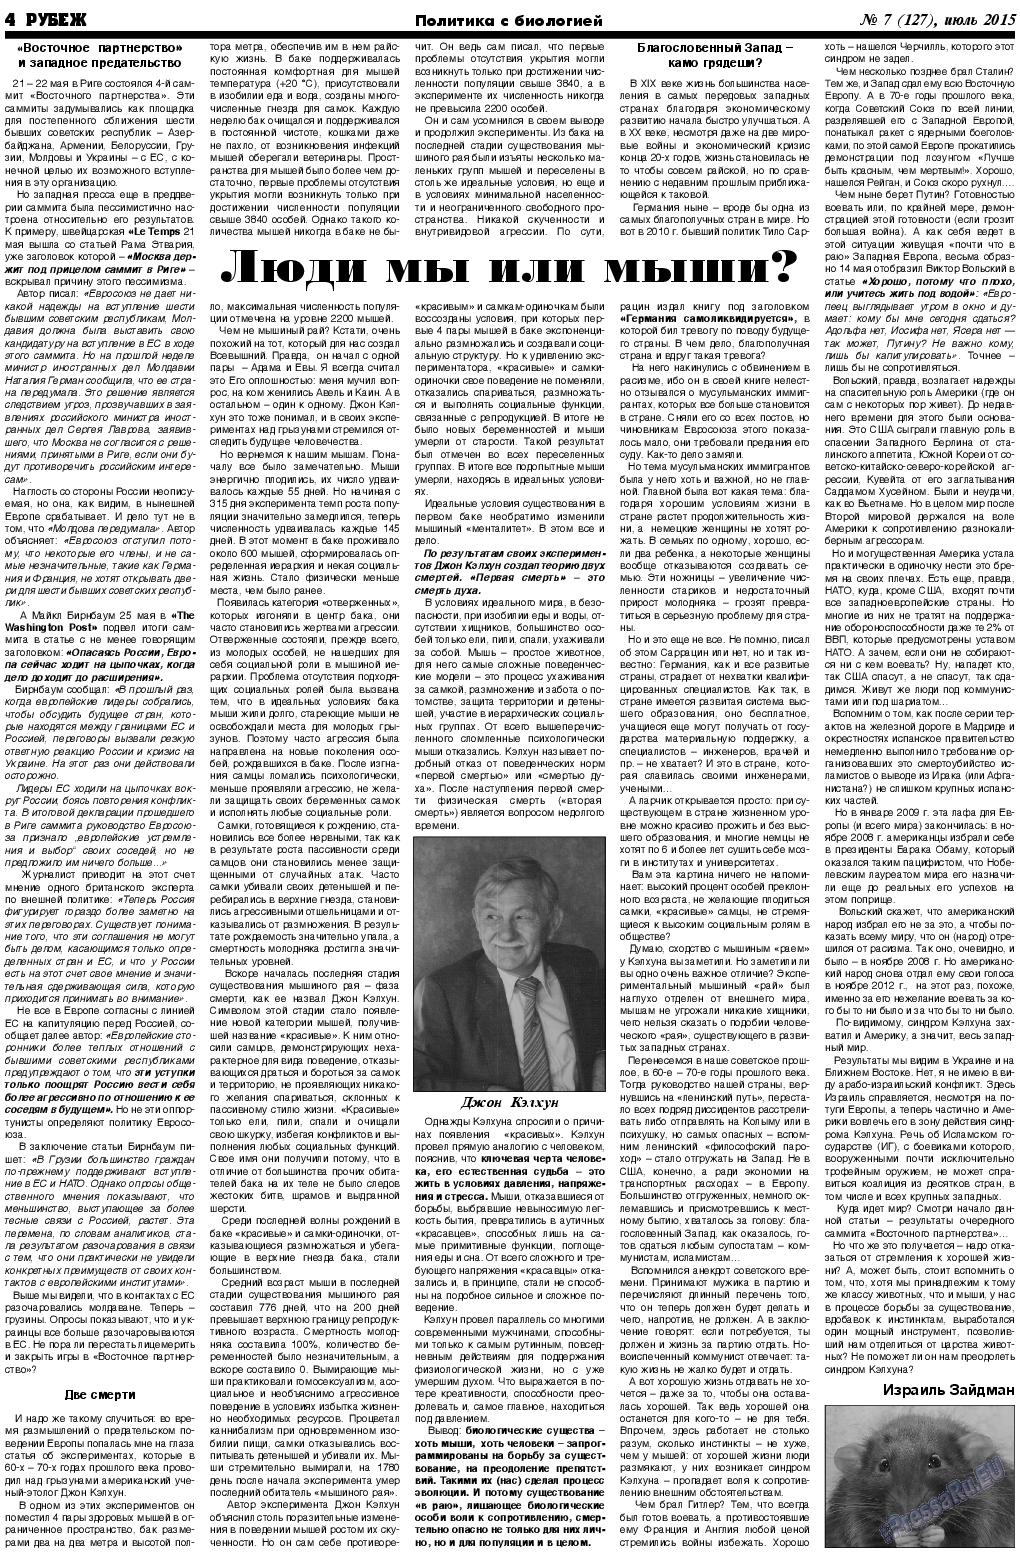 Рубеж (газета). 2015 год, номер 7, стр. 4